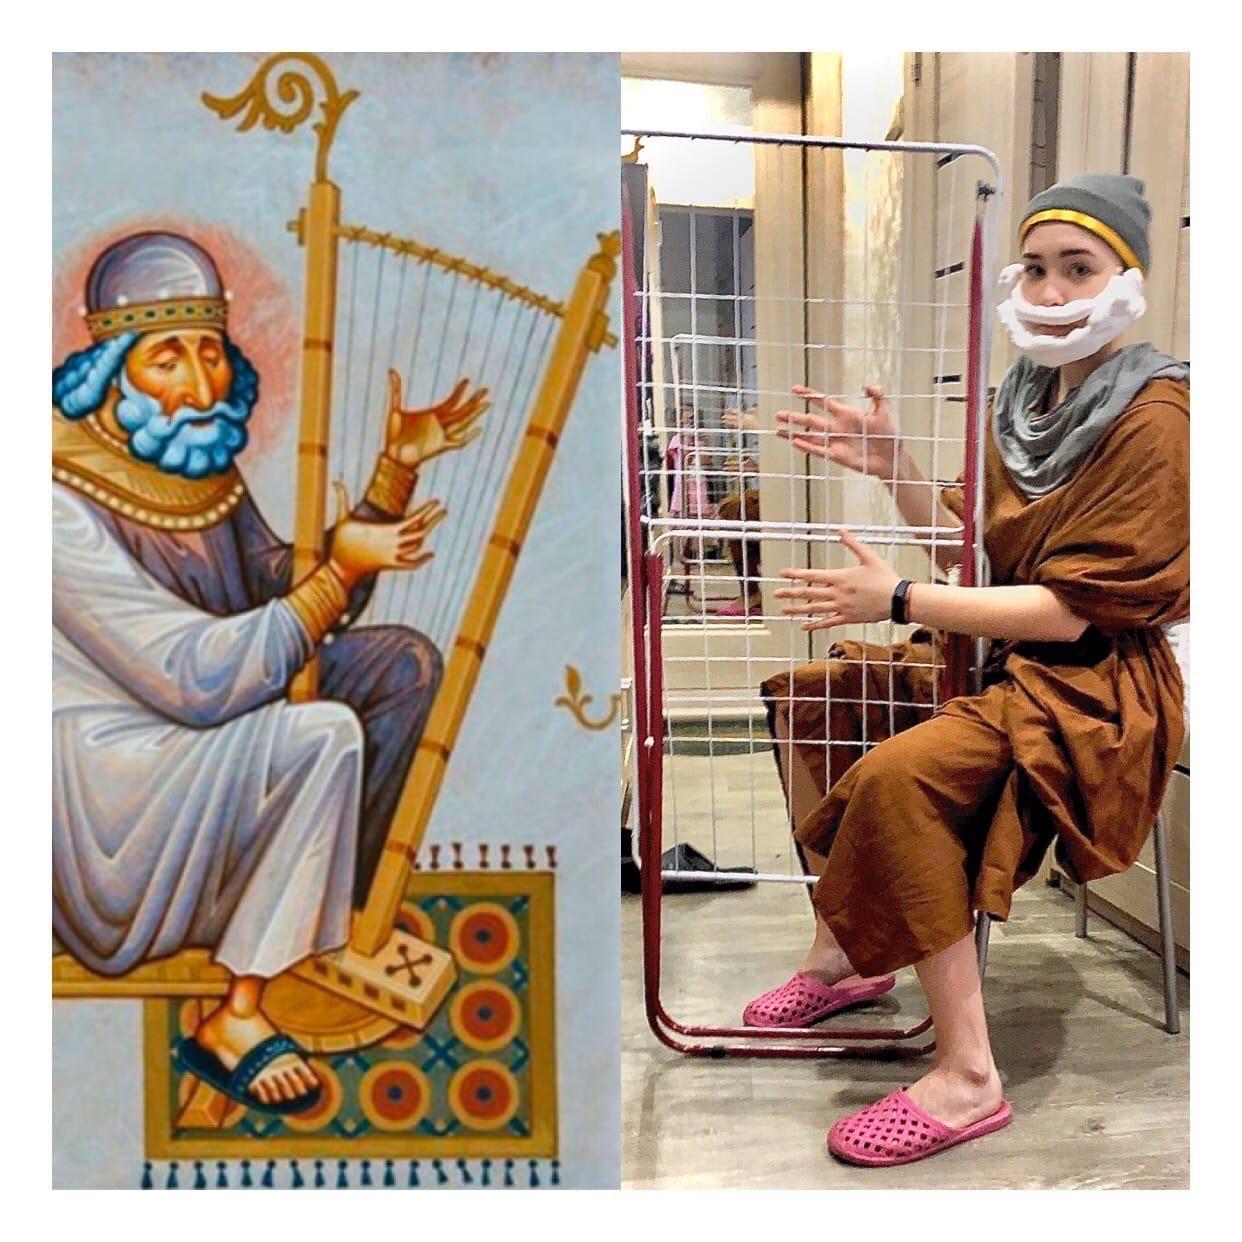 В Тверской области школьники воссоздали художественные шедевры подручными средствами